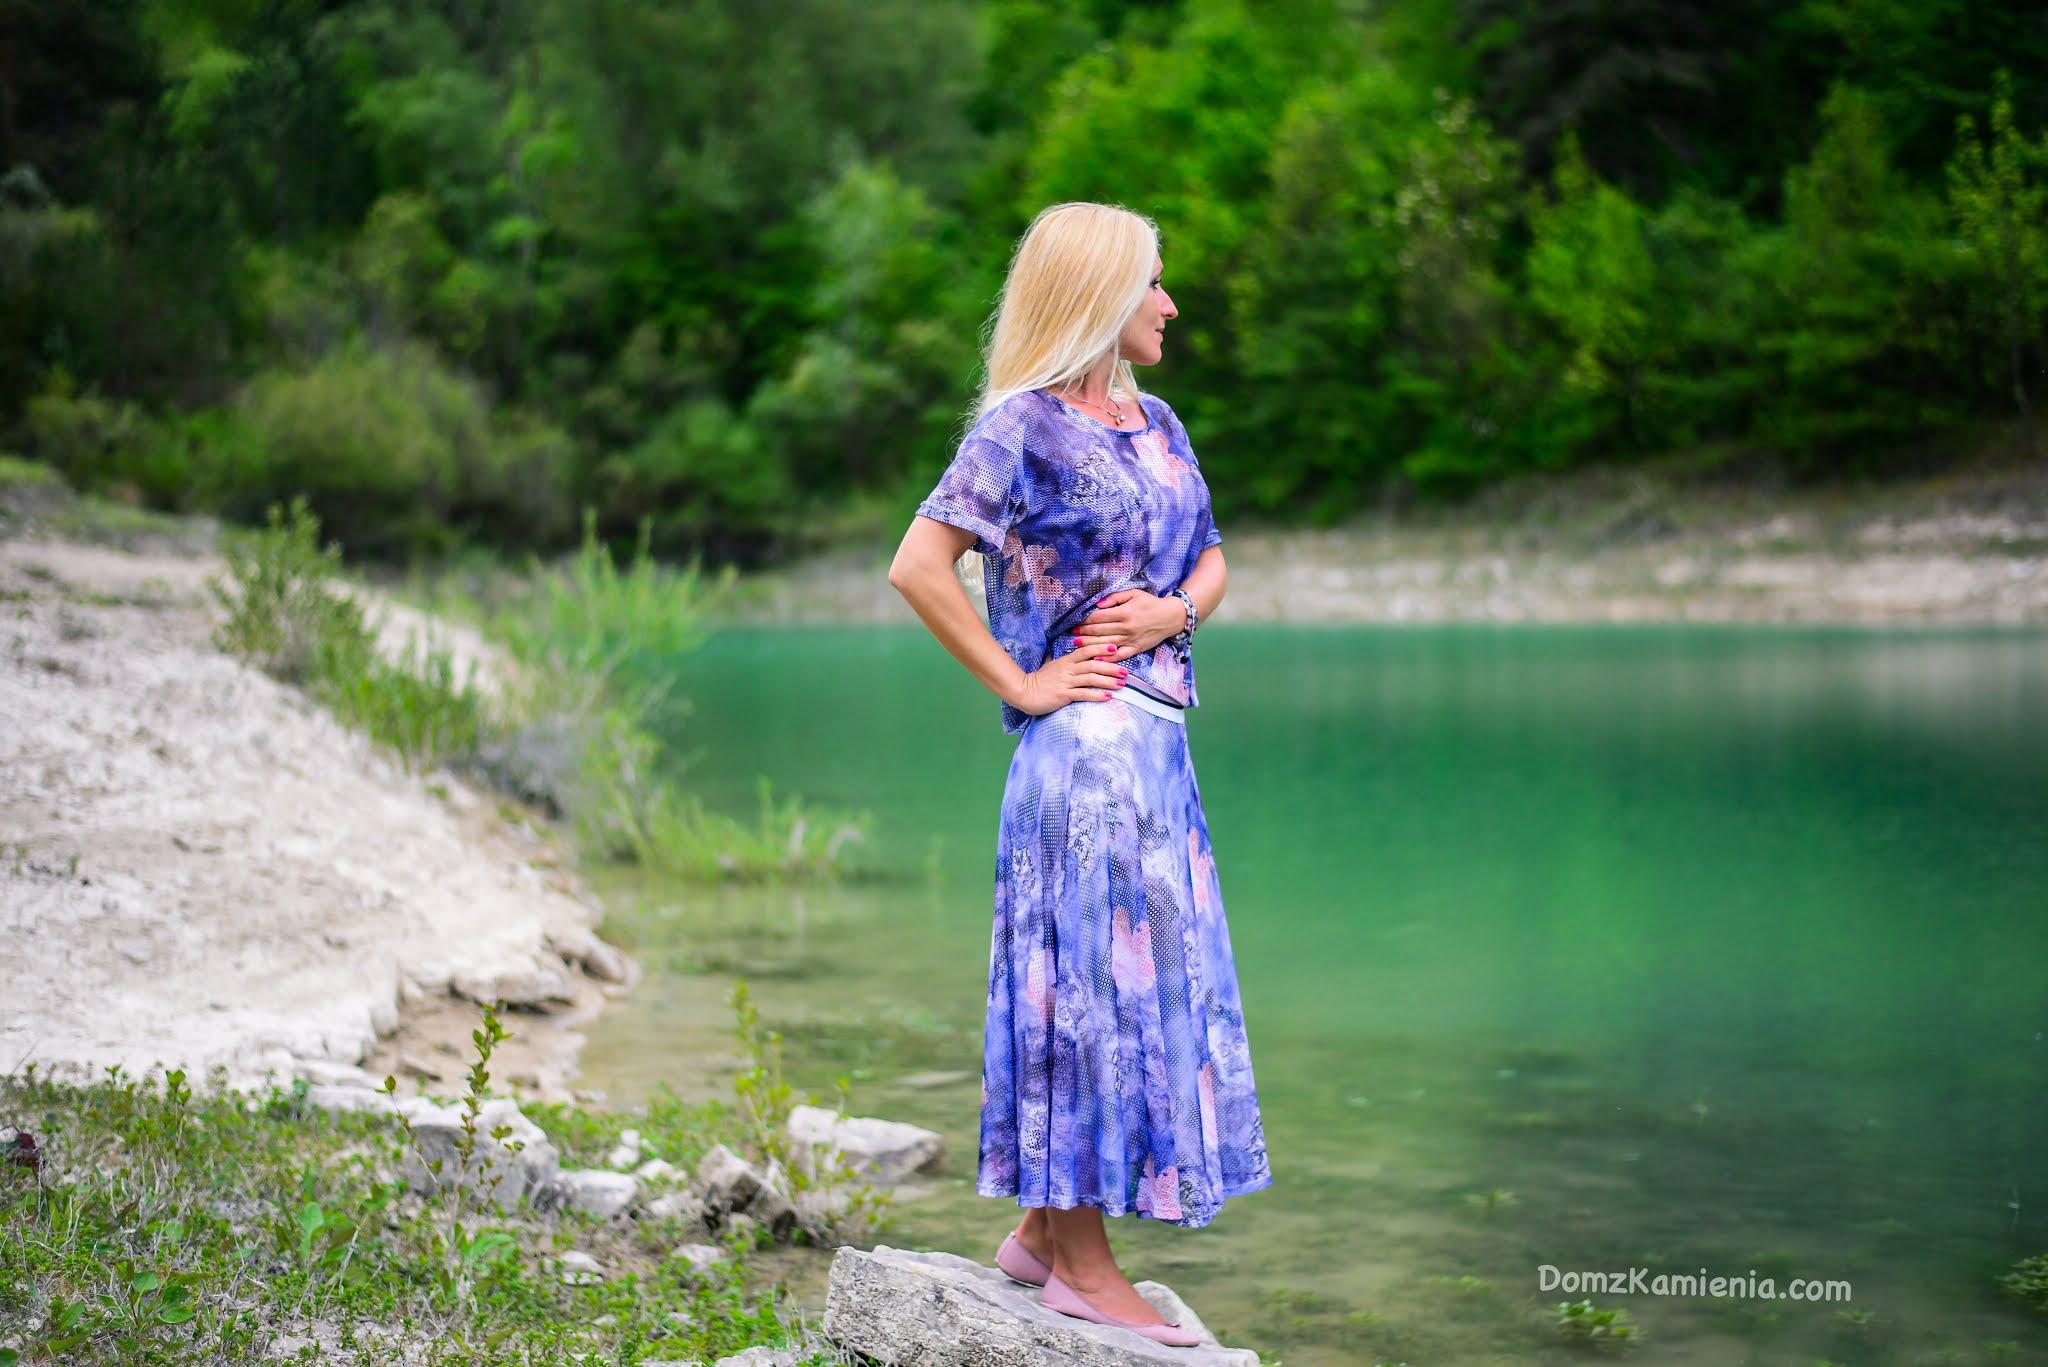 Dom z Kamienia, blog o życiu w Toskanii, lago di Bracanello